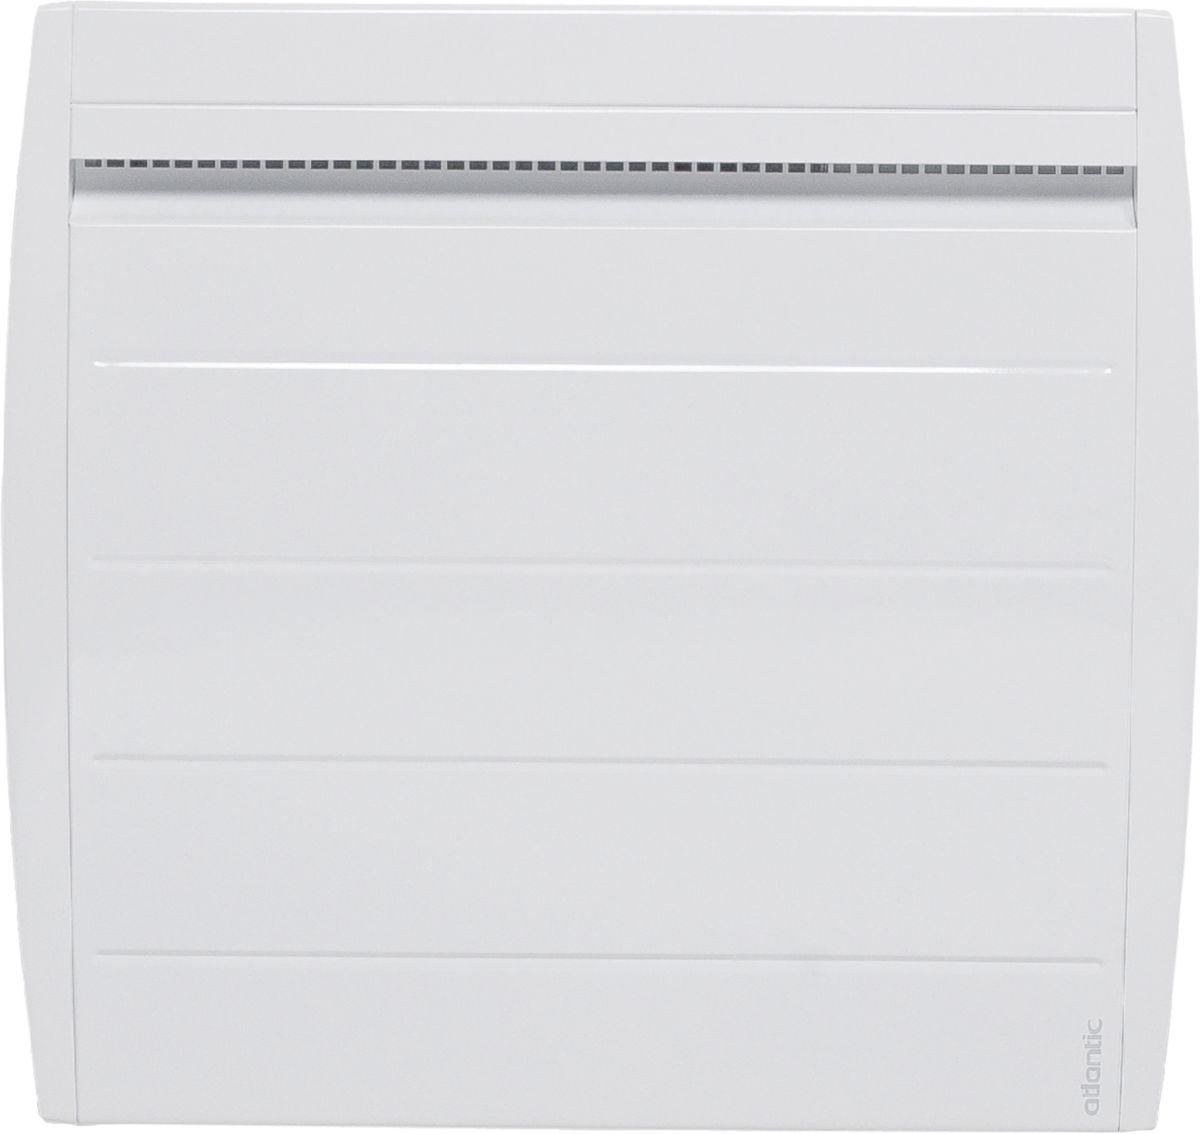 changer thermostat radiateur electrique s che serviettes electrique design rubin zeta changer. Black Bedroom Furniture Sets. Home Design Ideas